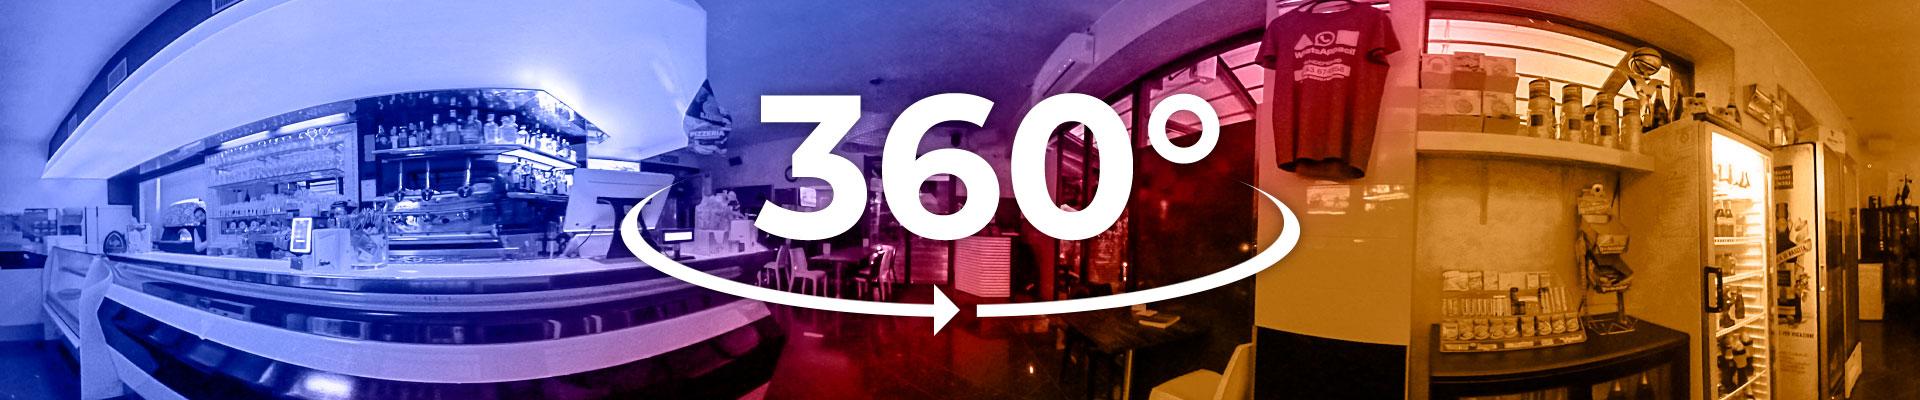 Virtual Tour 360 Pandemonio